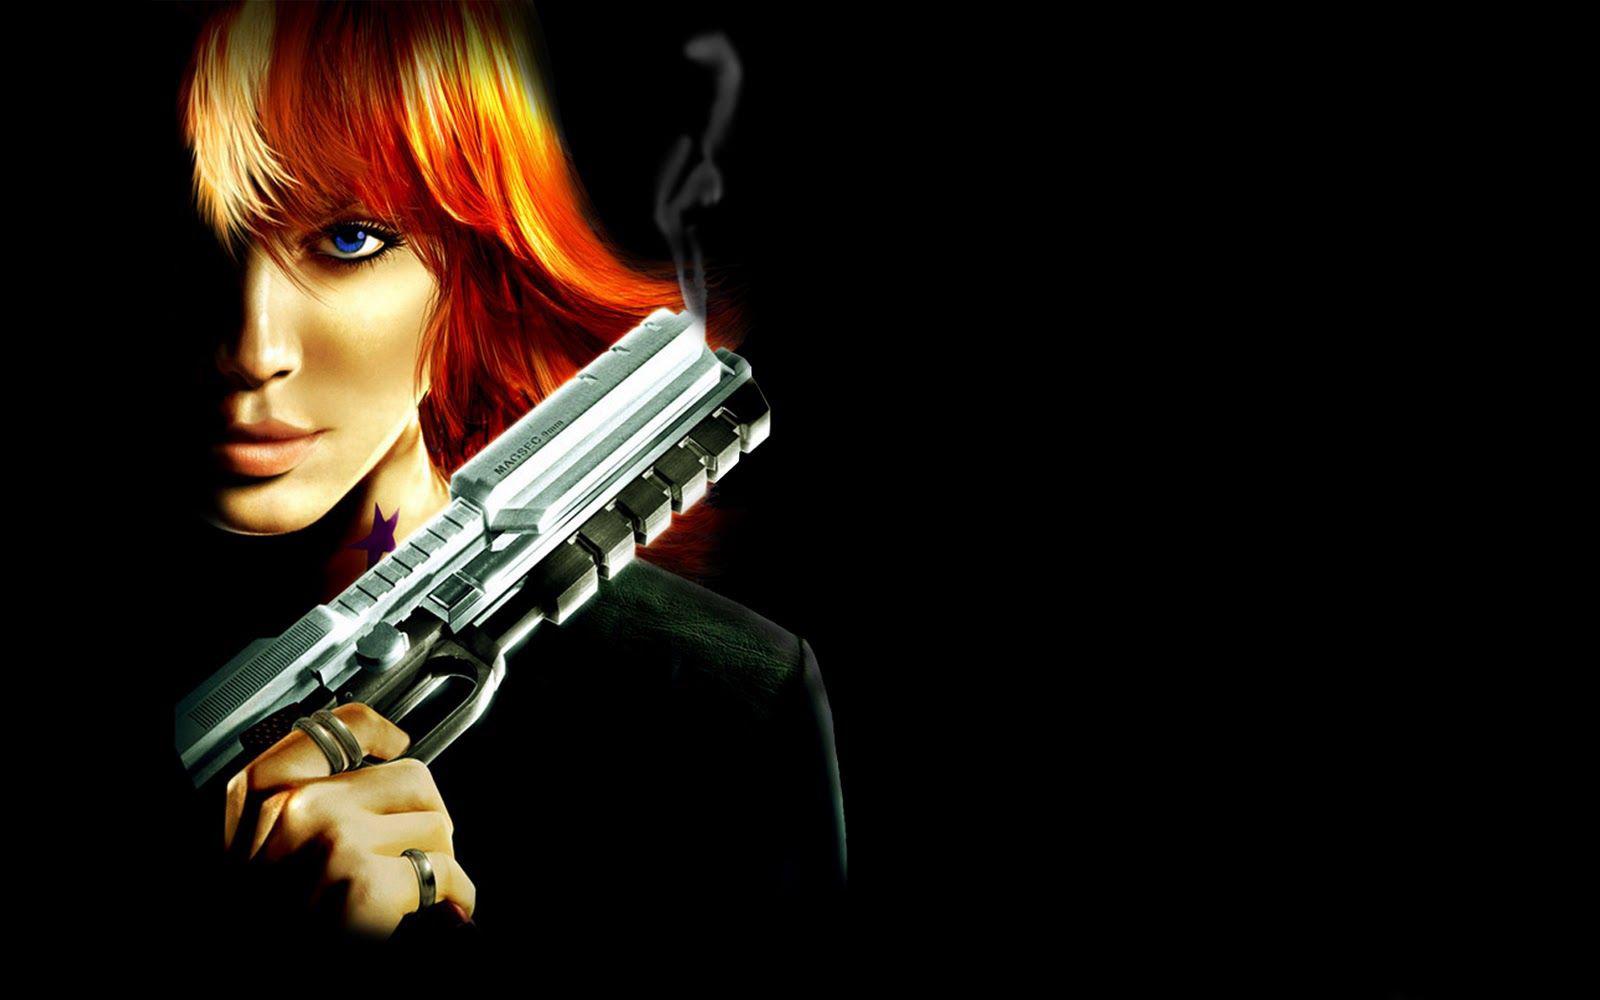 girl with gun wallpaper, девушка с пистолетом, скачать фото, обои для рабочего стола